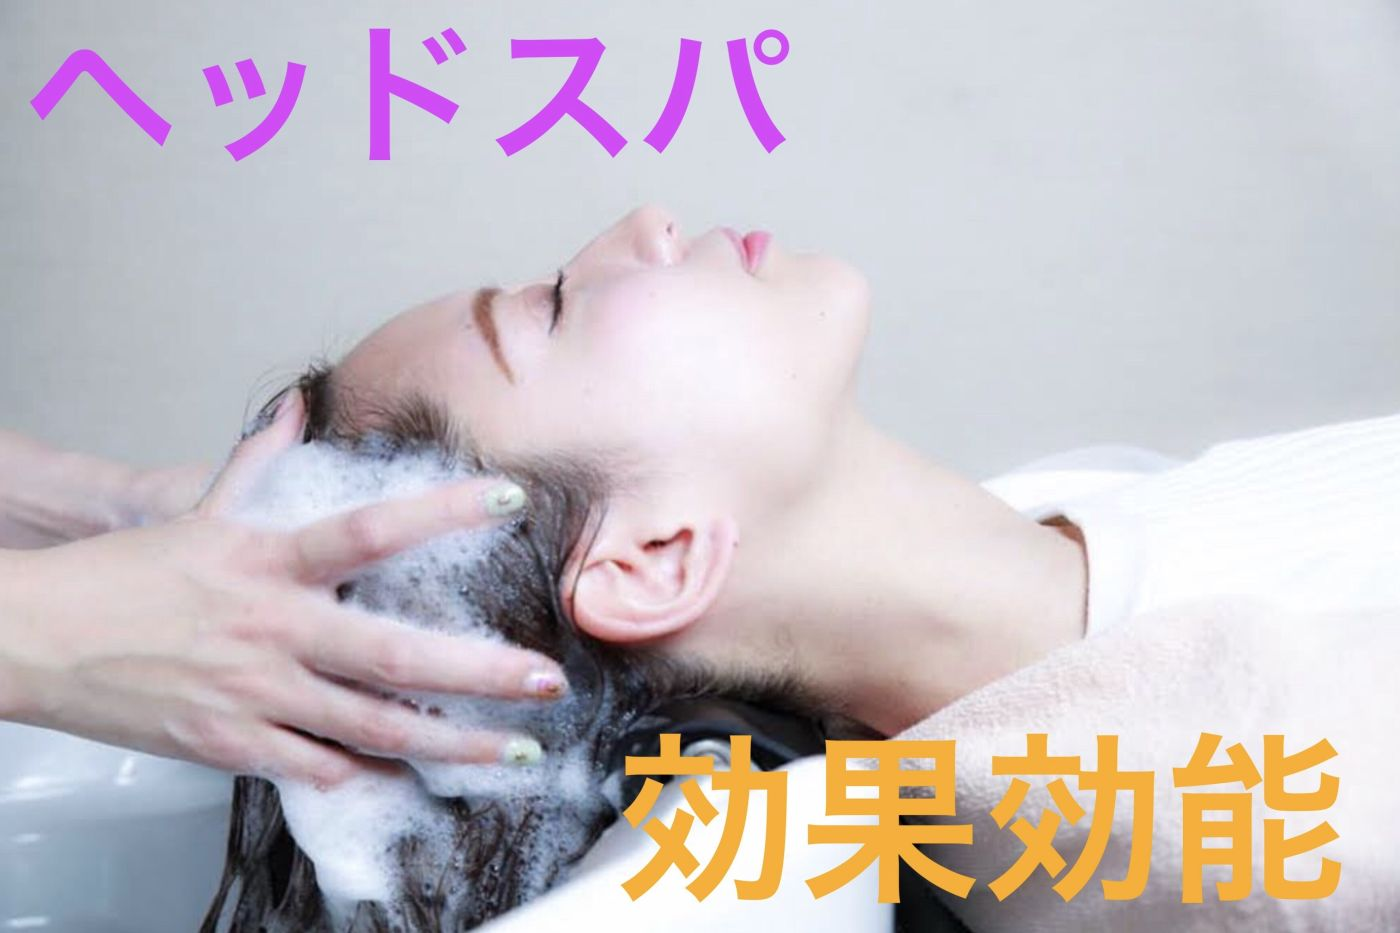 これで頭皮のお悩み解決!実は知らなかったヘッドスパの効果効能